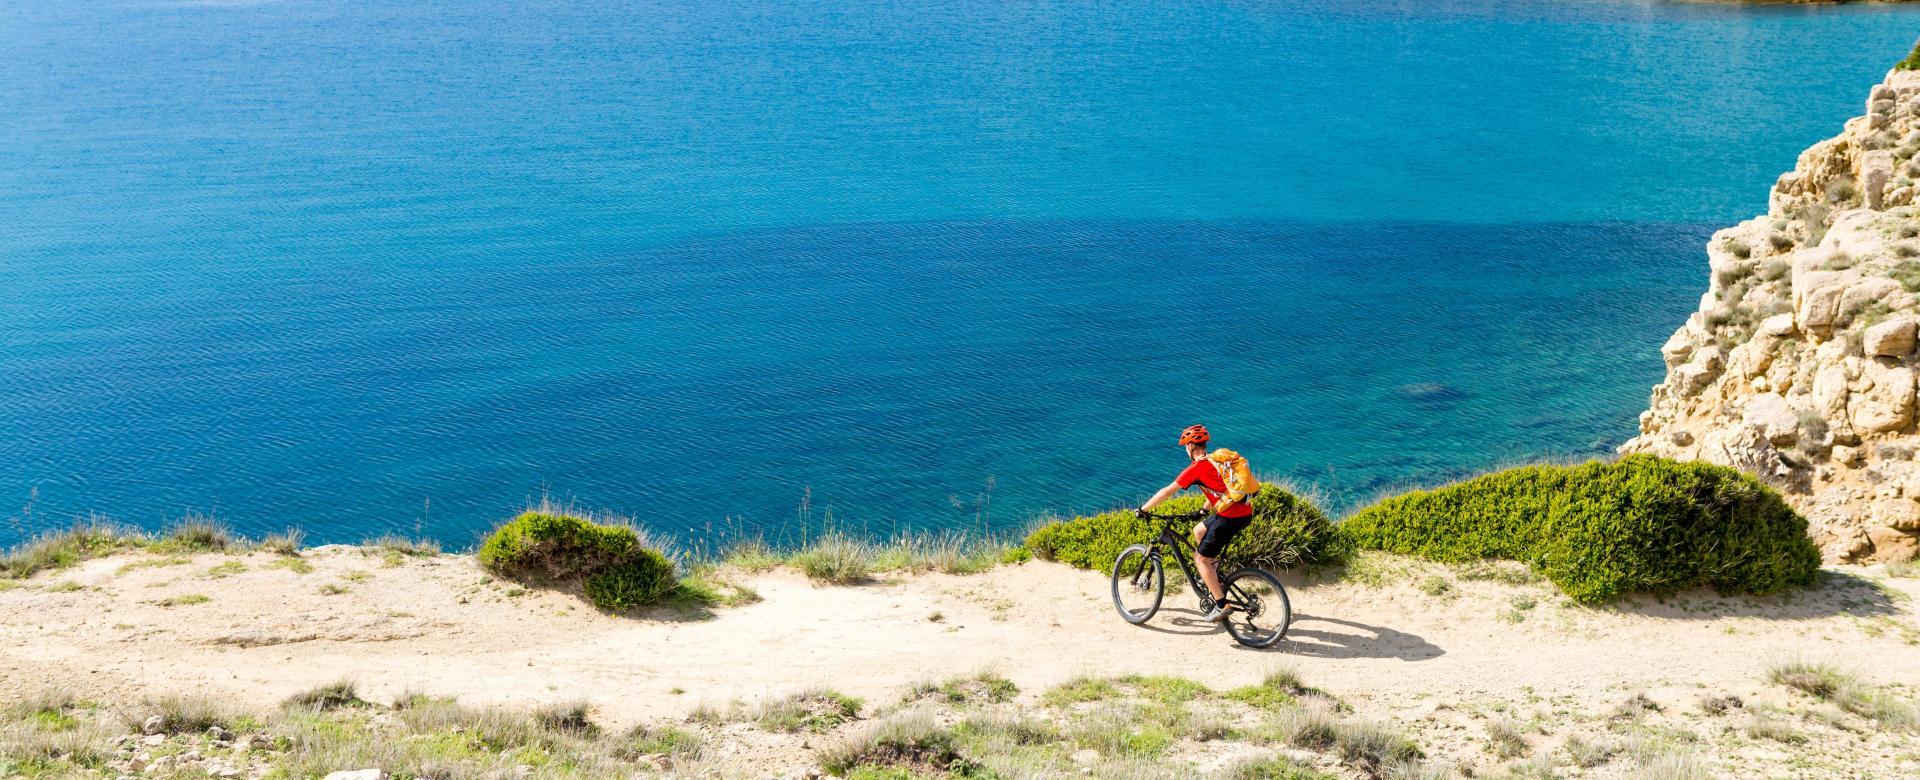 Voyage en véhicule : Les charmes de la côte adriatique à vélo